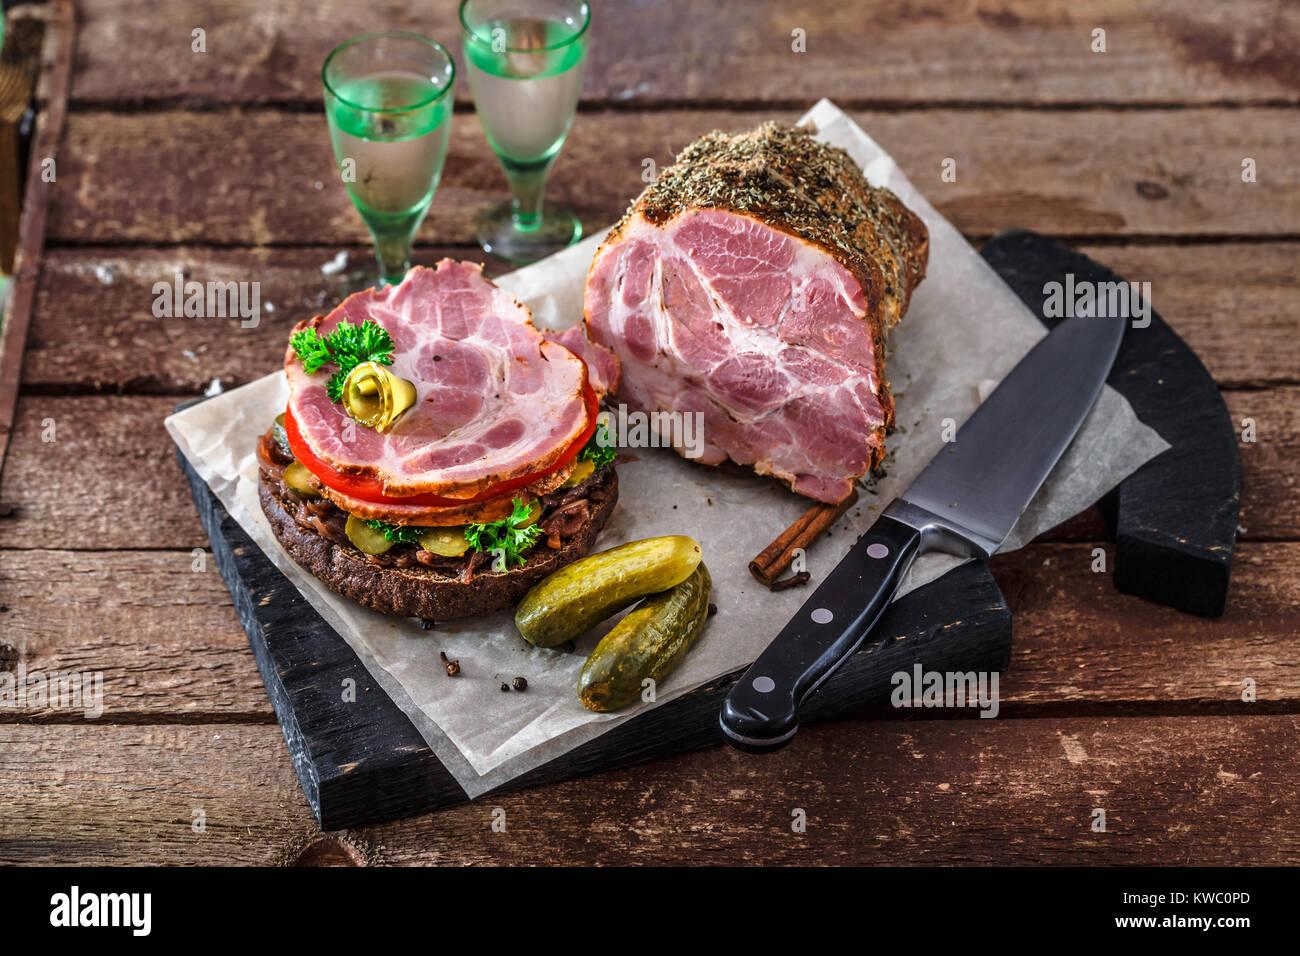 Le seigle délicieux sandwich avec jambon fumé, tomate, confiture d'oignons, de cornichons et de vodka. Photo Stock